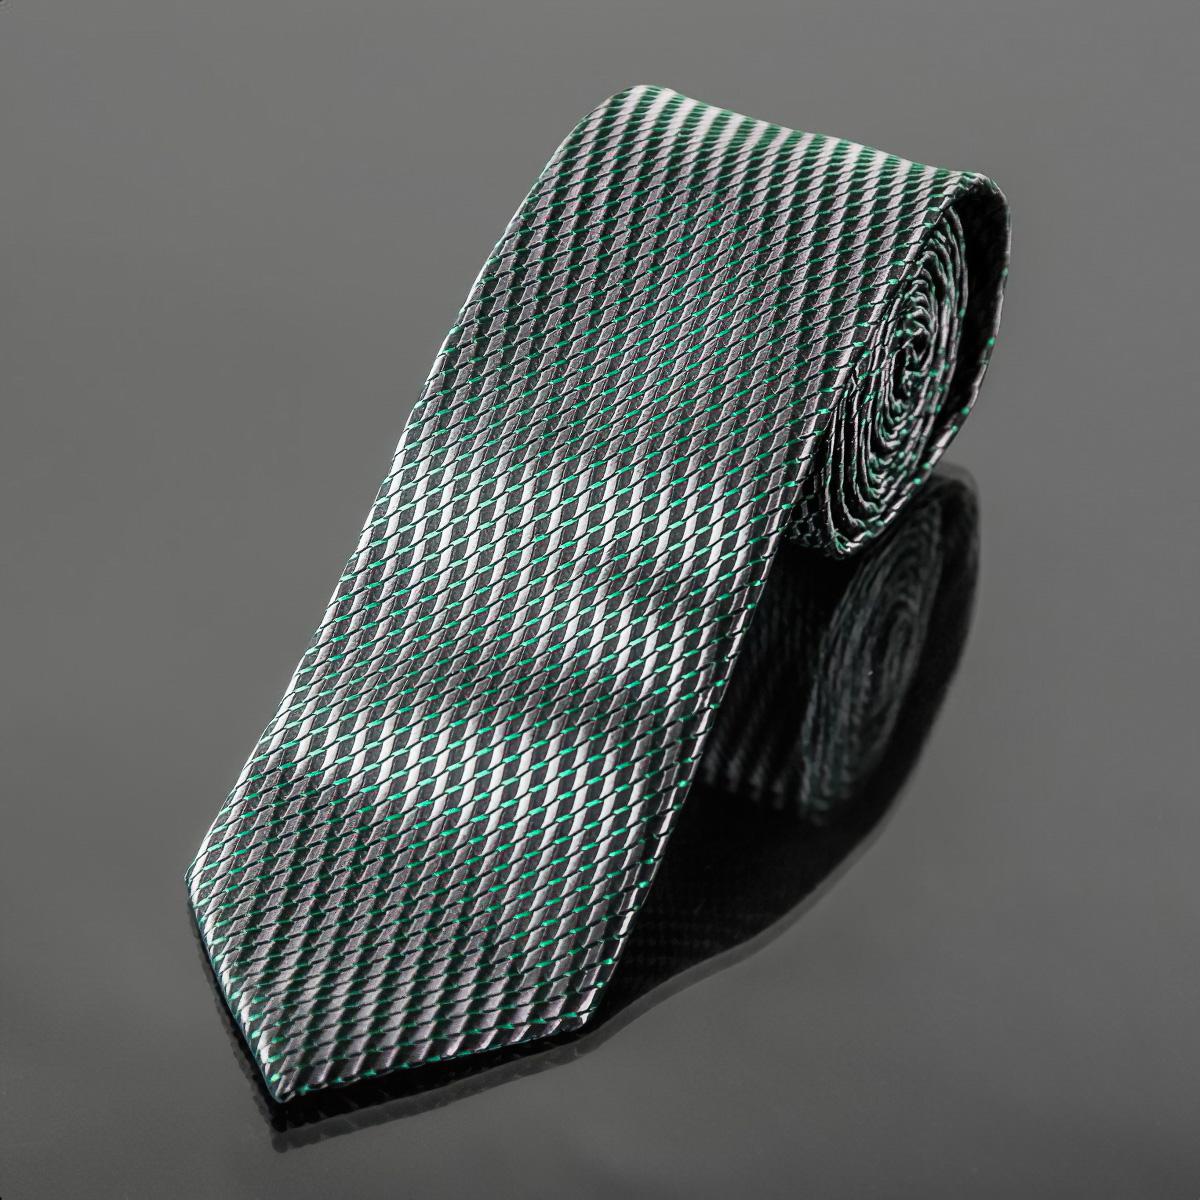 Kravata pánská AMJ, jemný šikmý vzor KU1093, šedo zelená